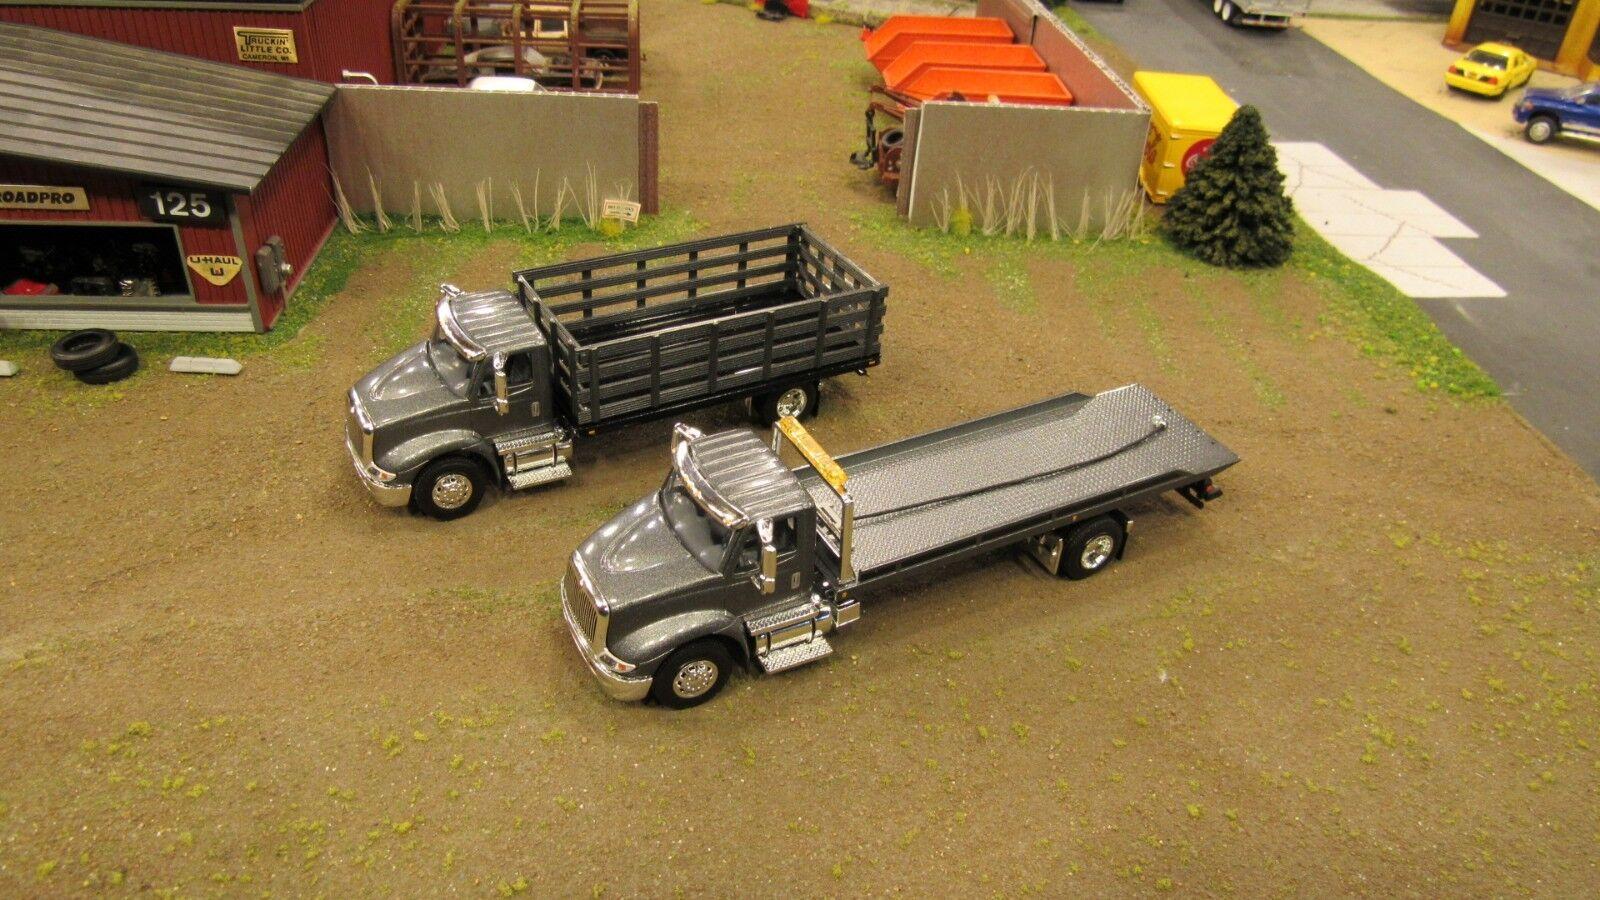 venta Lote de 2 gris Speccast ih 8600 Semi Semi Semi Estaca Bed & reversión Grúa Remolque Camión's 1 64   tiempo libre